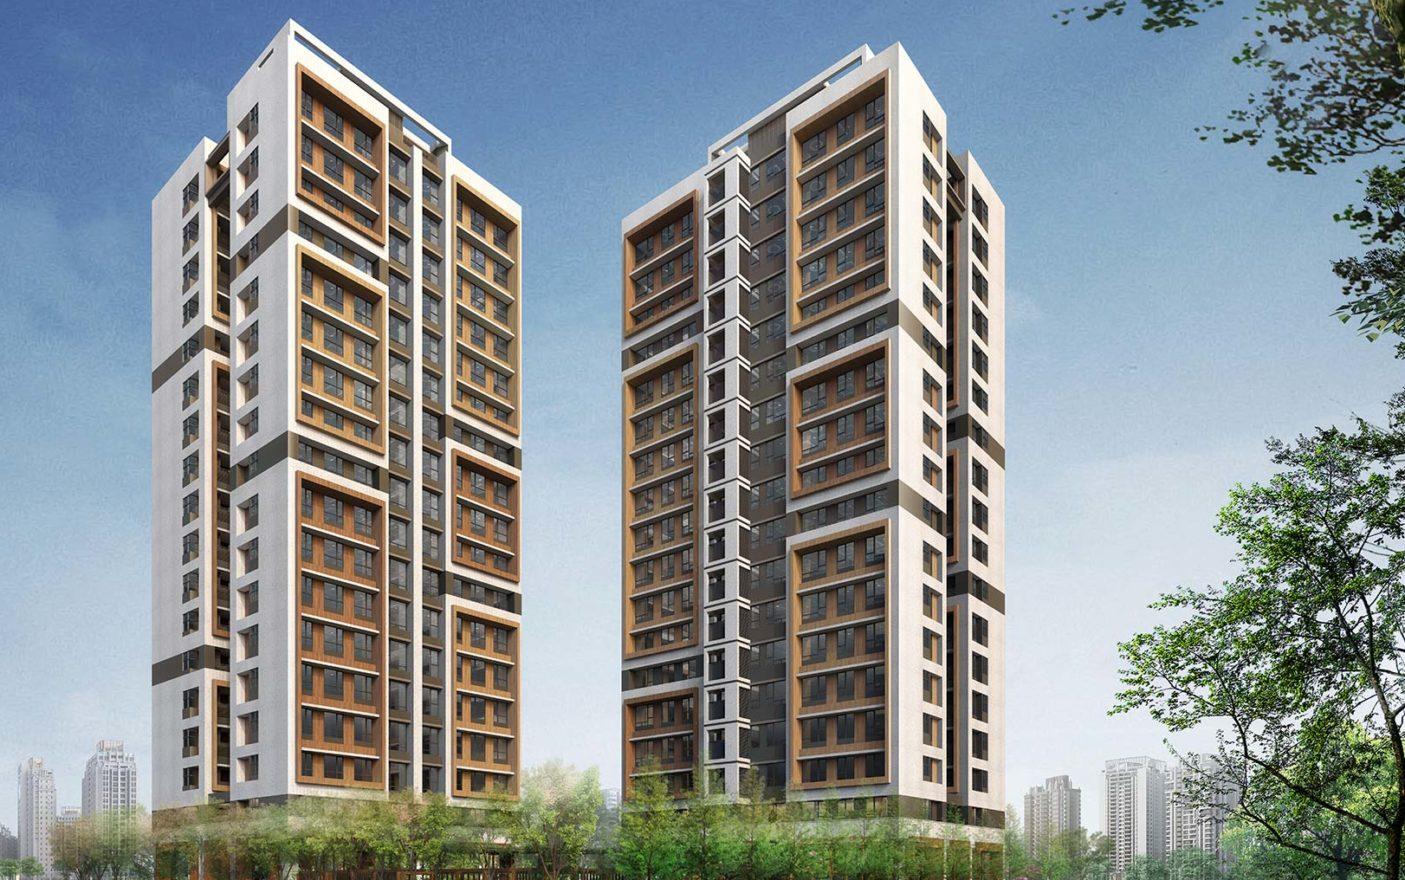 building_0725-e1543032815742.jpg